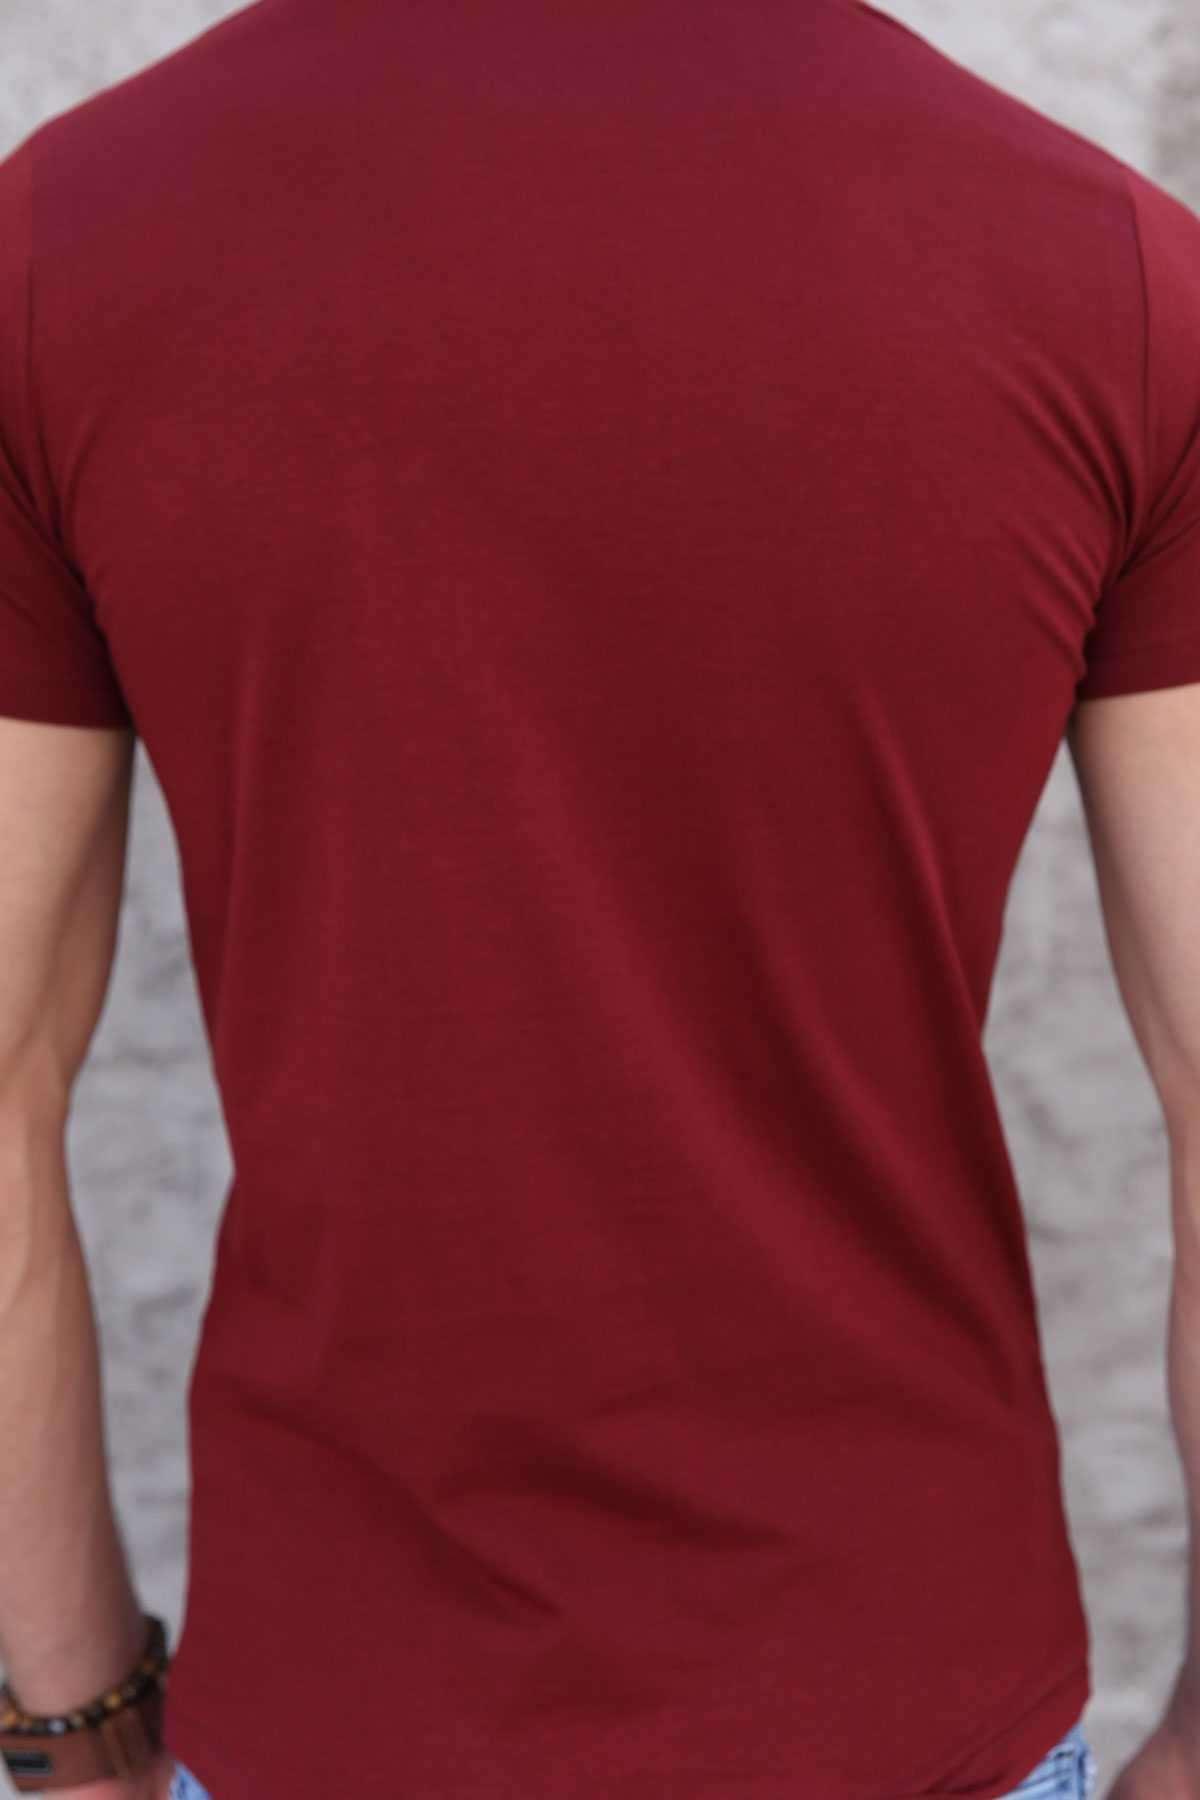 Göğüs Deri Üçgen Baskılı Pis Yaka Slim Fit Tişört Bordo